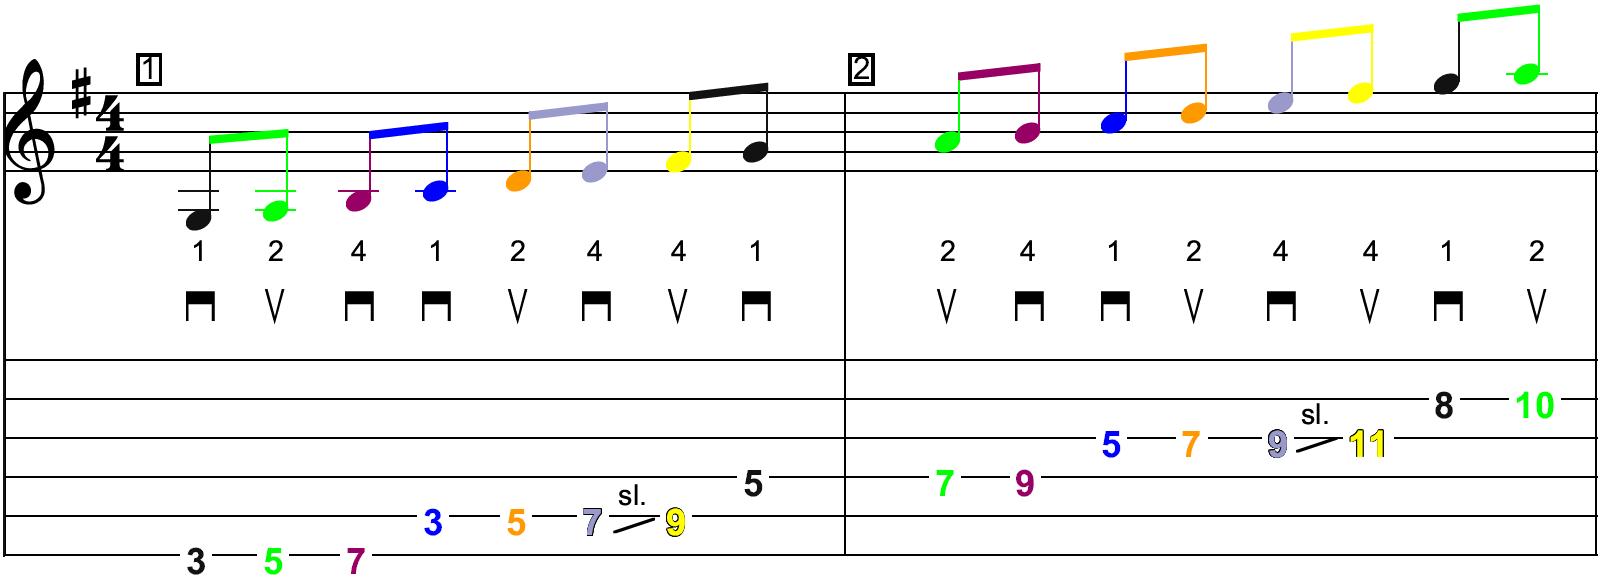 La gamme majeure de Sol en démanché (jeu latéral) - Schéma n°1 sur la partition et la tablature (page 1)